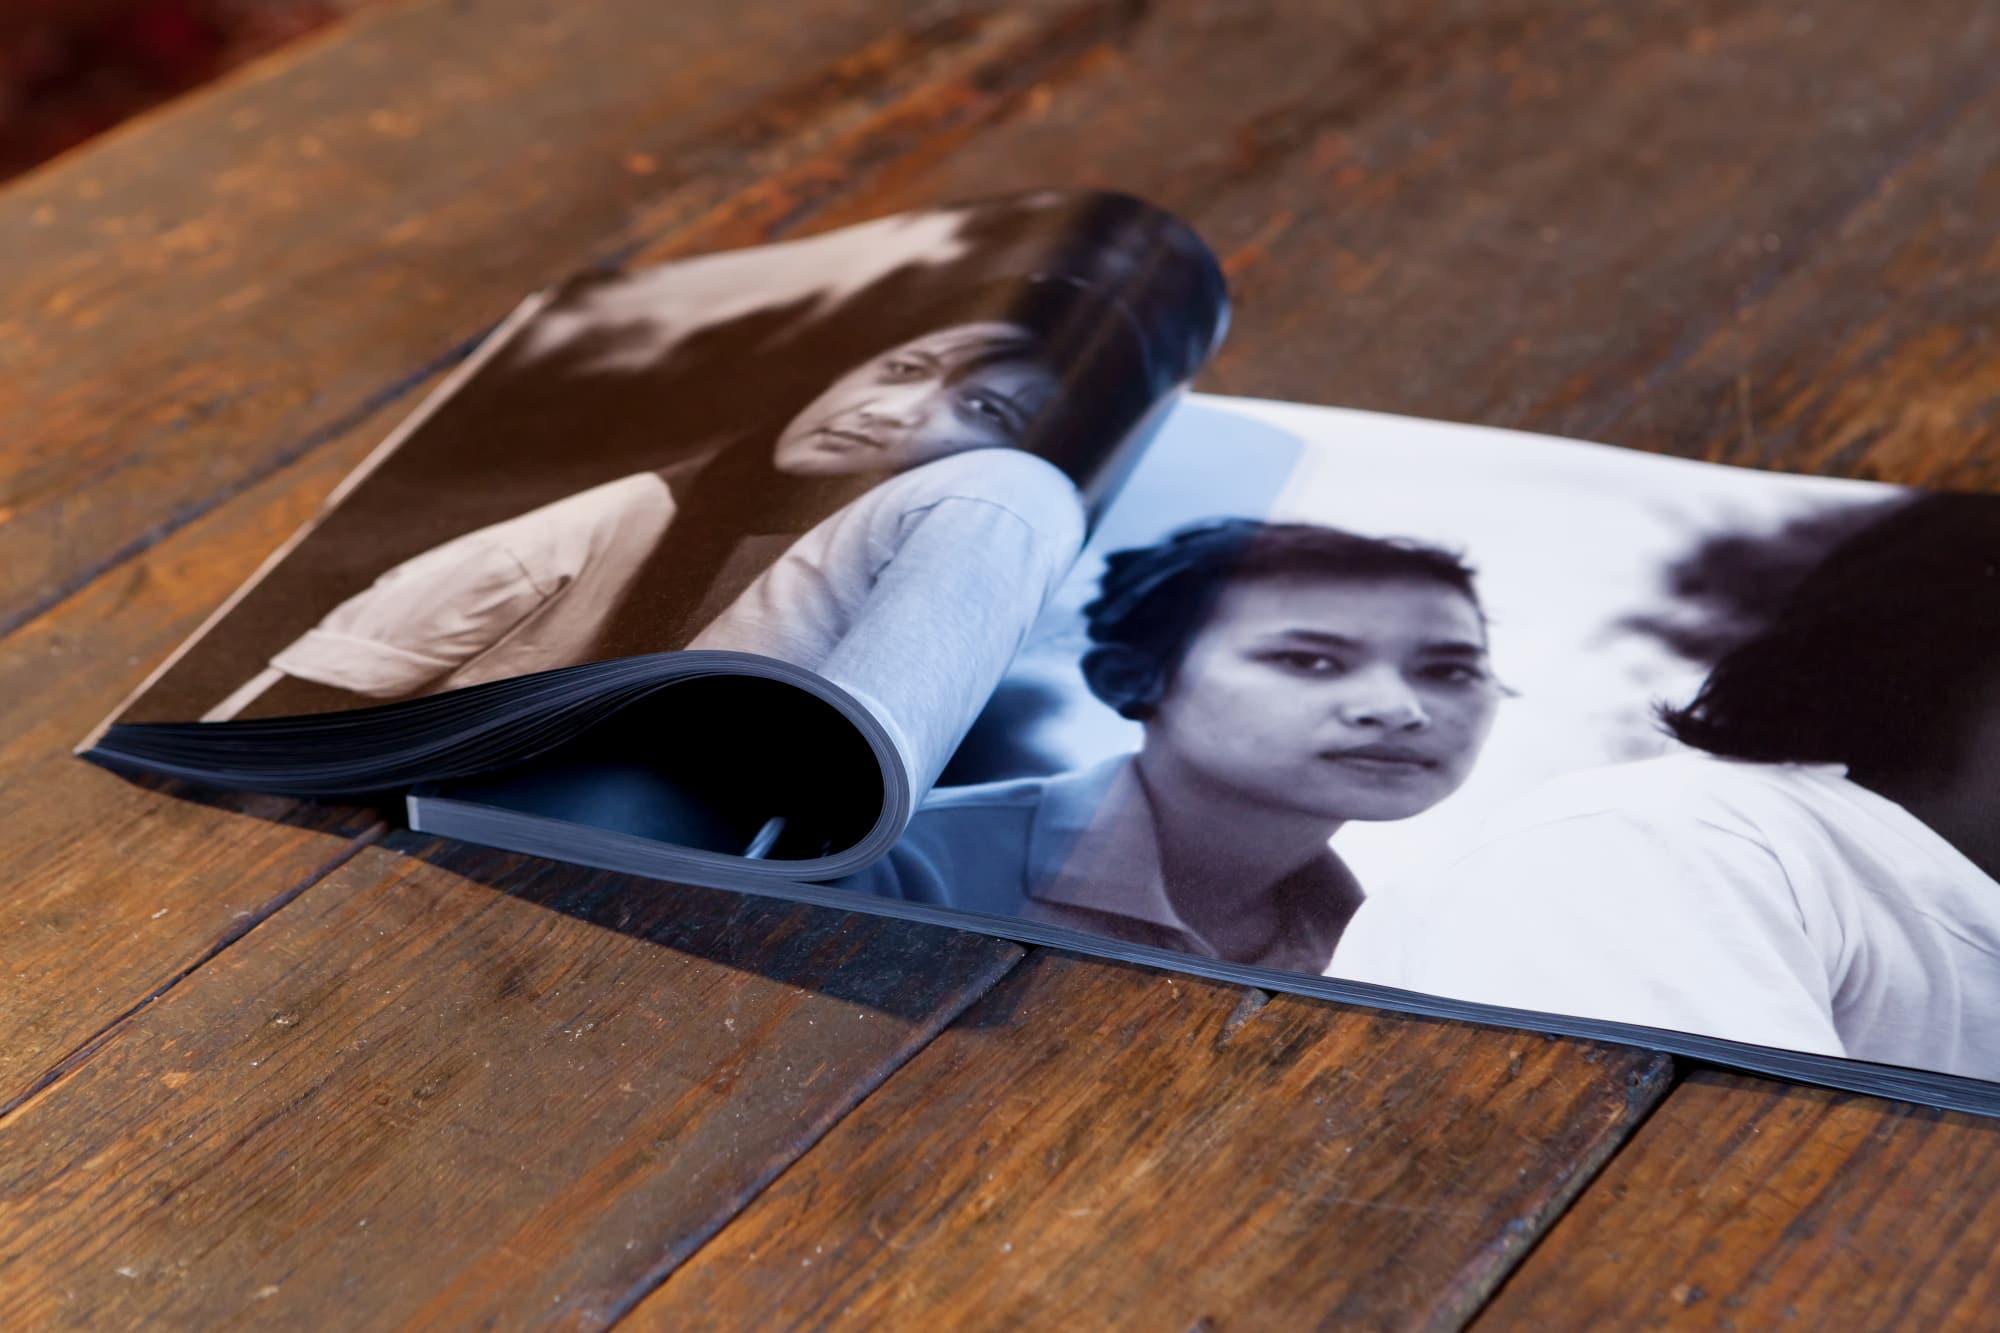 写真は目にしか見えないのか 志賀理江子「Blind Date」 | Blind Date